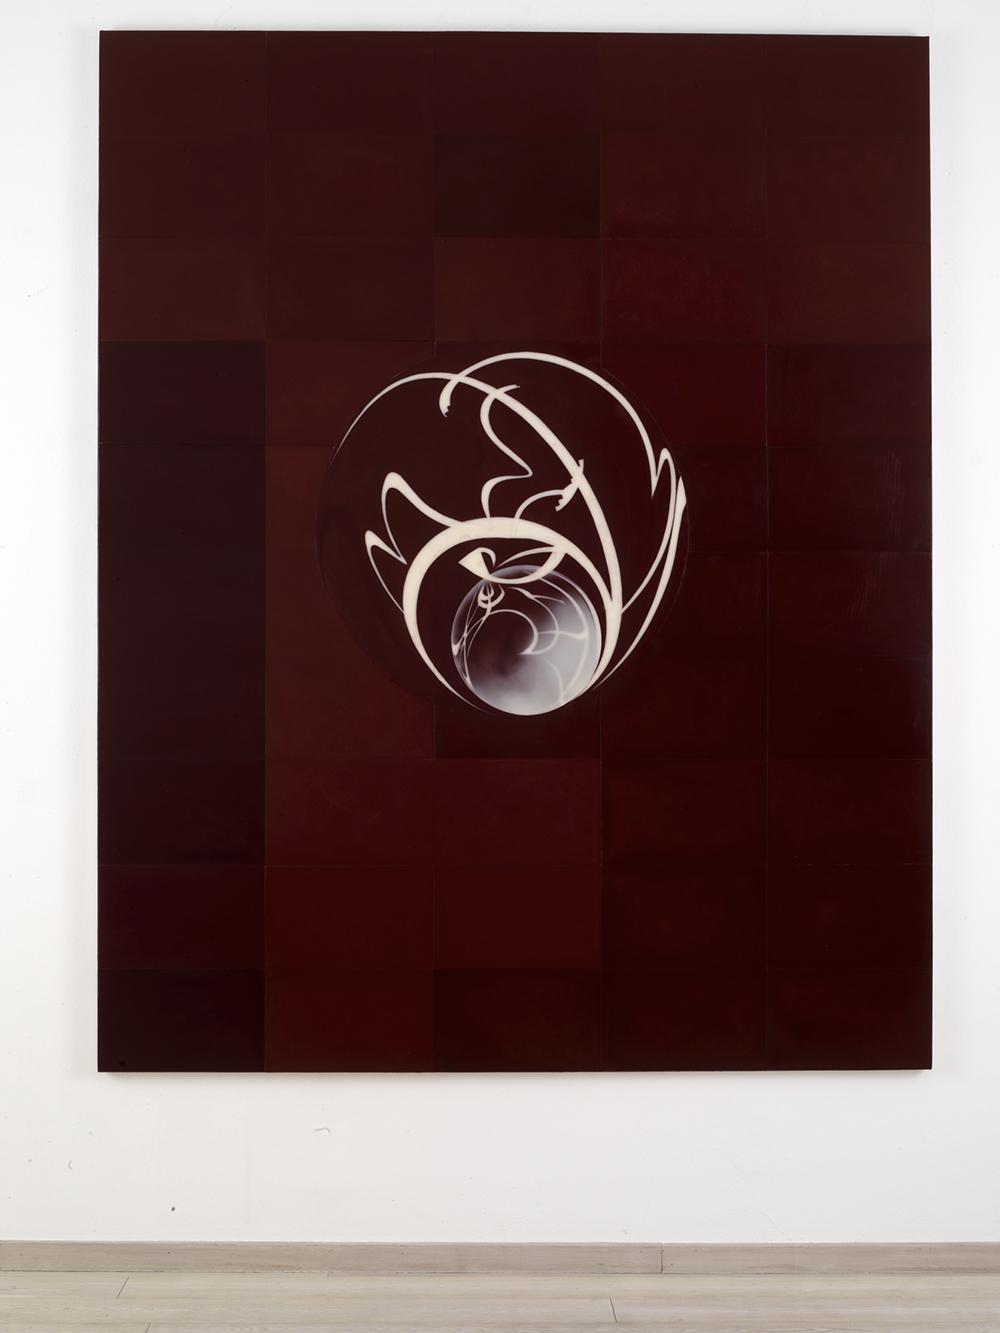 Domenico Bianchi, Senza titolo, 2007, cera su fiberglass, cm 250x200